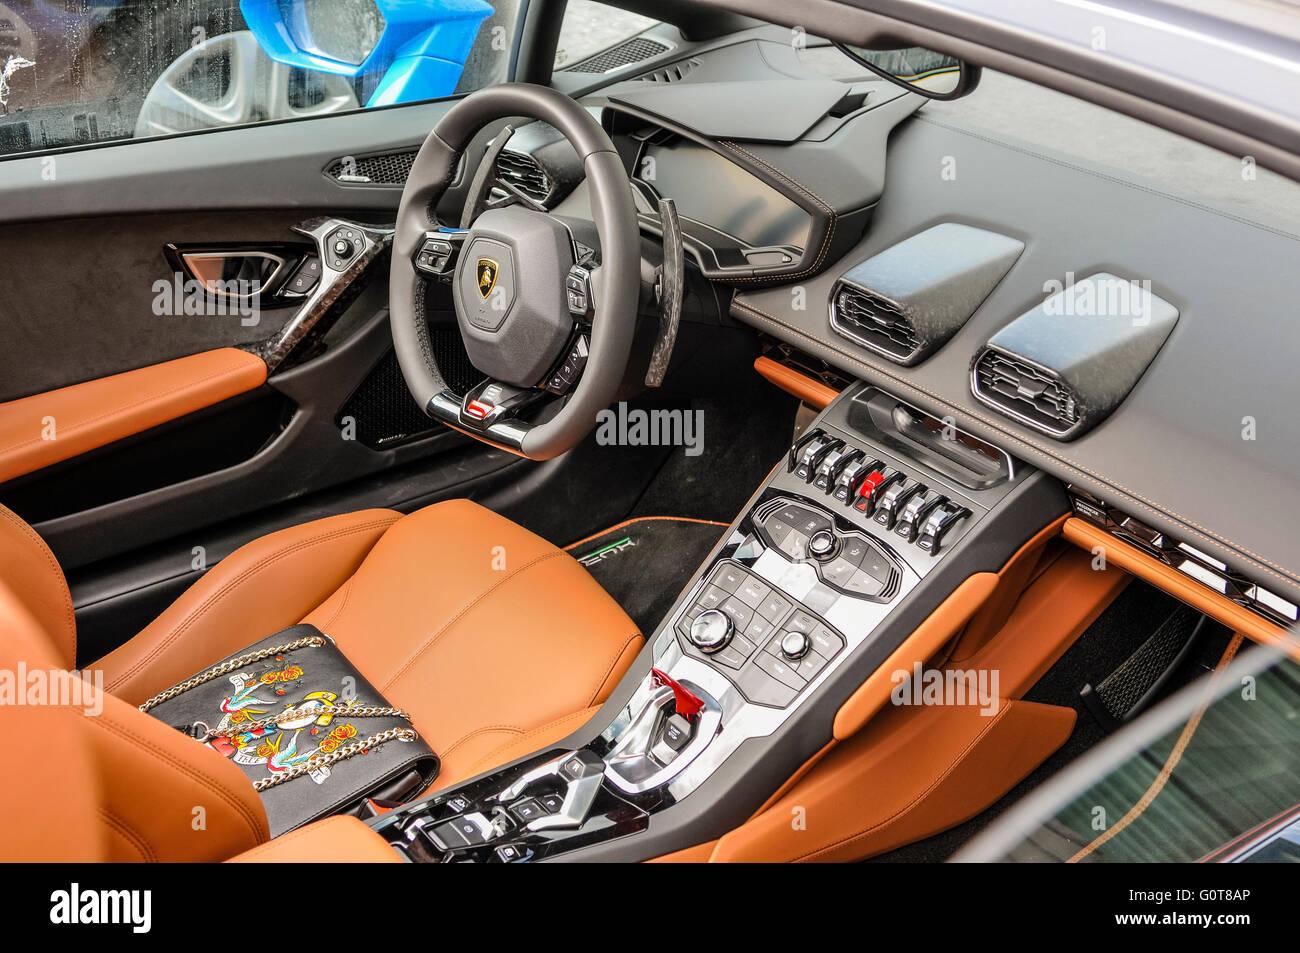 Interior cockpit of a Lamborghini Aventador. - Stock Image